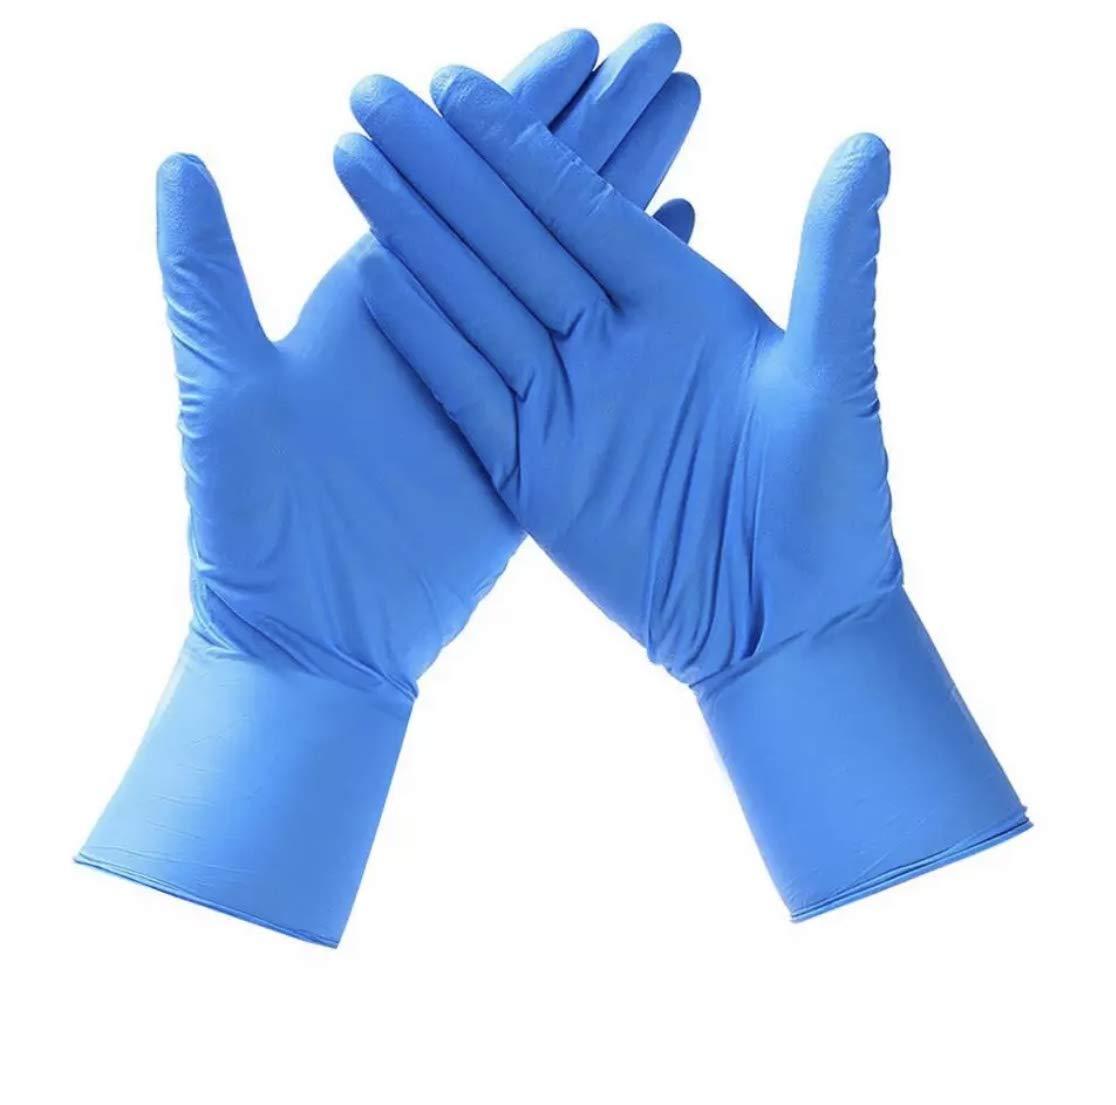 Guantes de Vinilo AZUL Guantes libres de látex sin polvo Limpieza Guantes sanitarios para la cocina, Limpieza, Seguridad, Manejo de alimentos, 100 pcs caja (TALLA M)